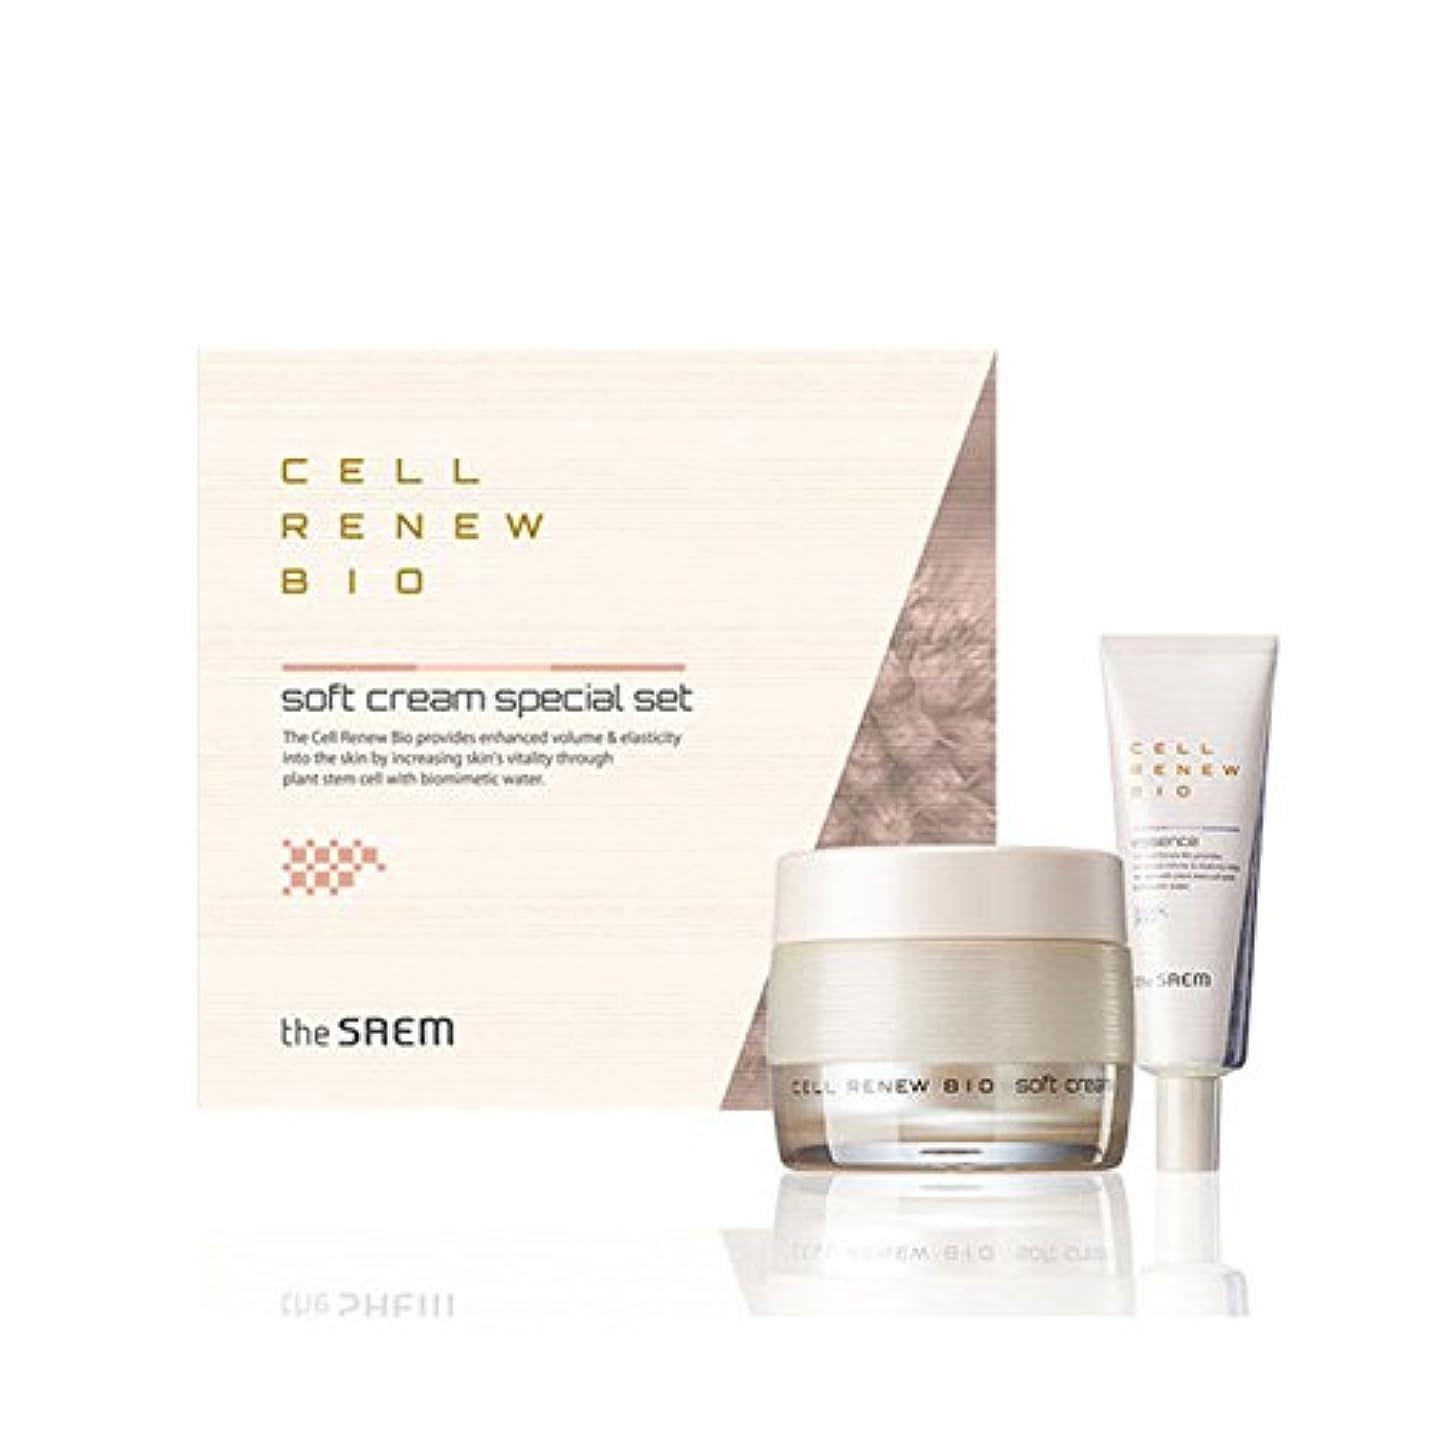 腸コンパイル権利を与える[ザセム] The Saem セルリニュー バイオ クリーム スペシャルセット Cell Renew Bio Cream Special Set (海外直送品) [並行輸入品]